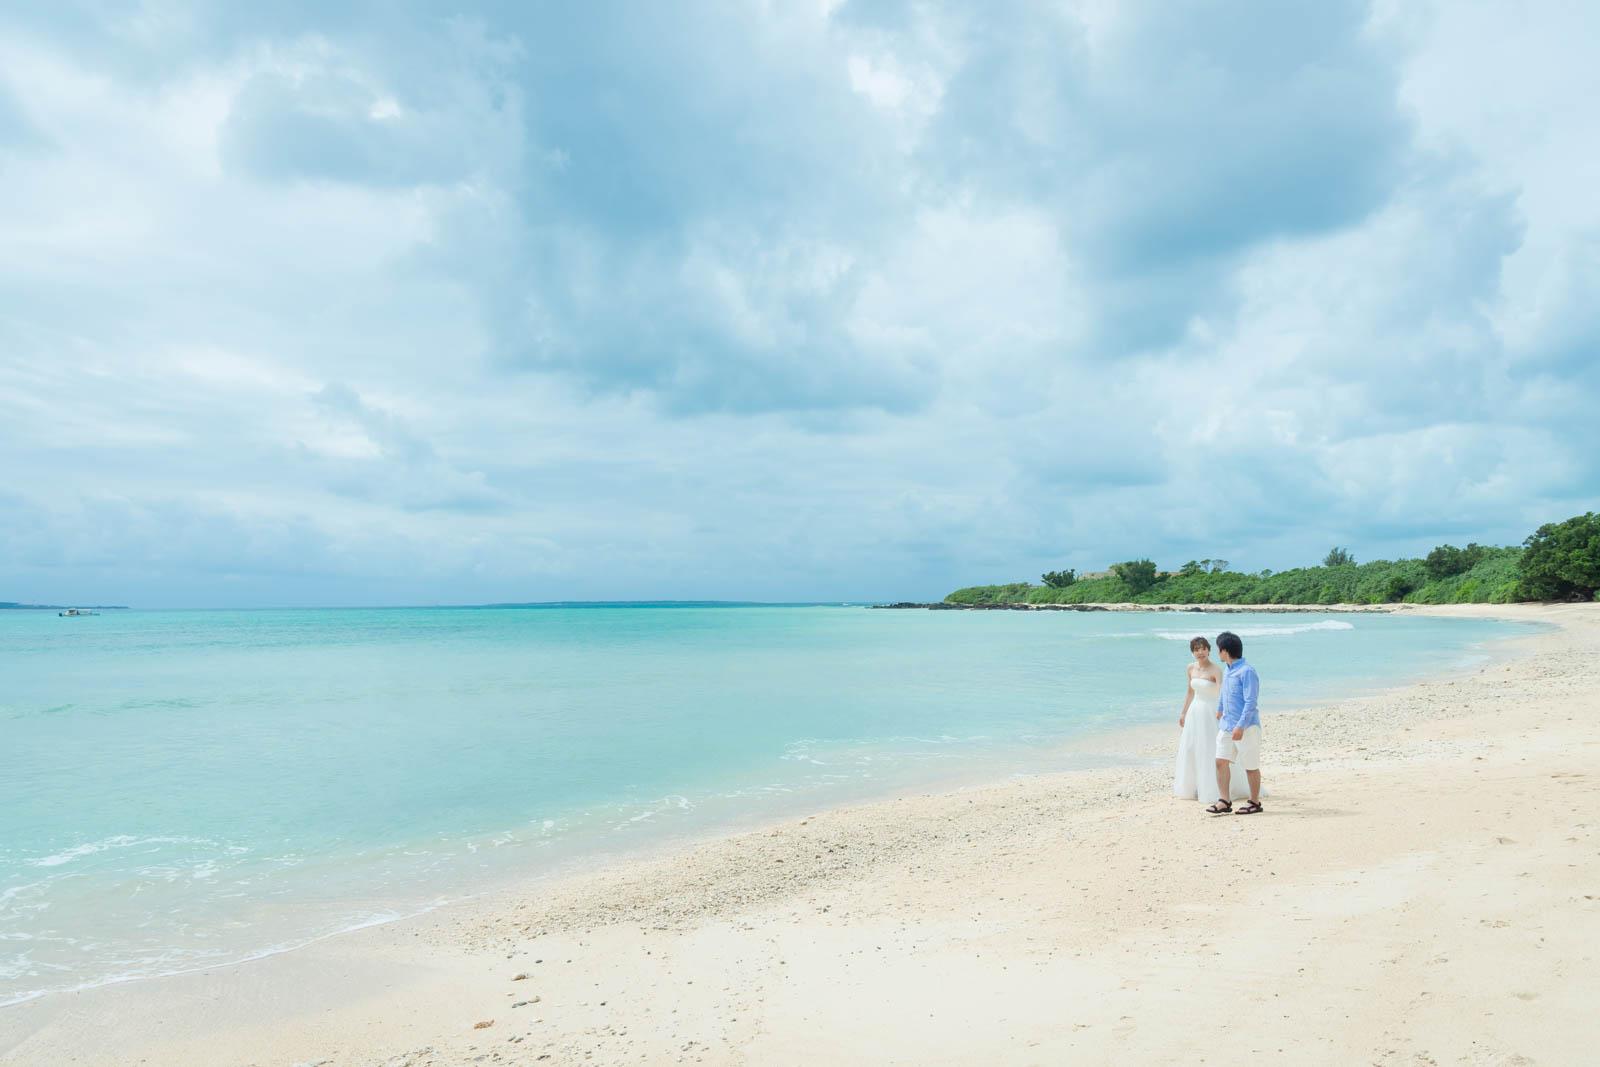 崎枝のビーチ